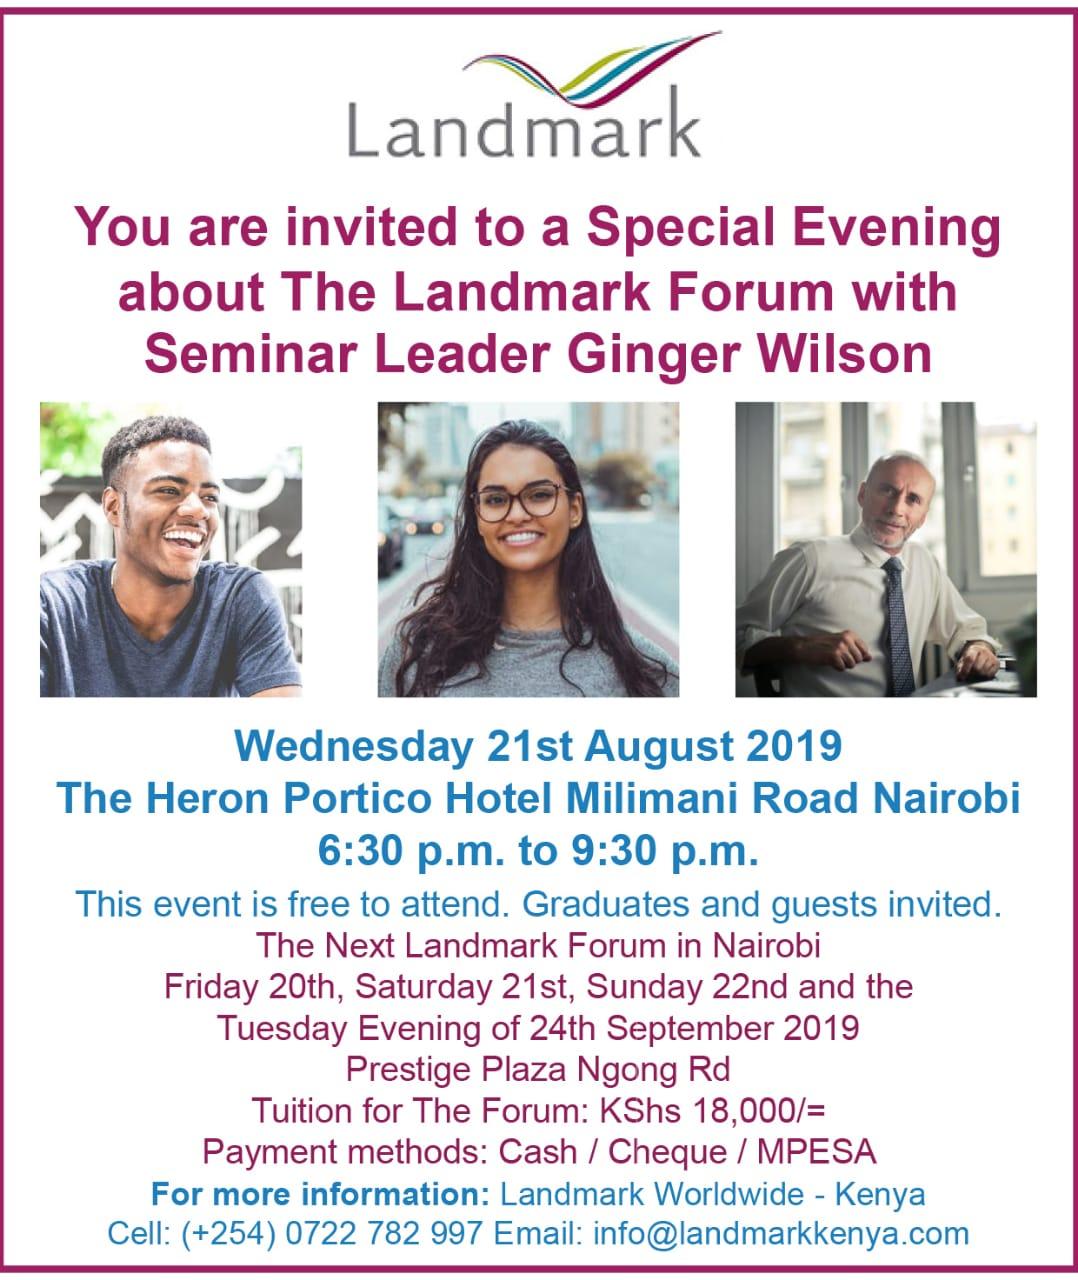 The Landmark Forum